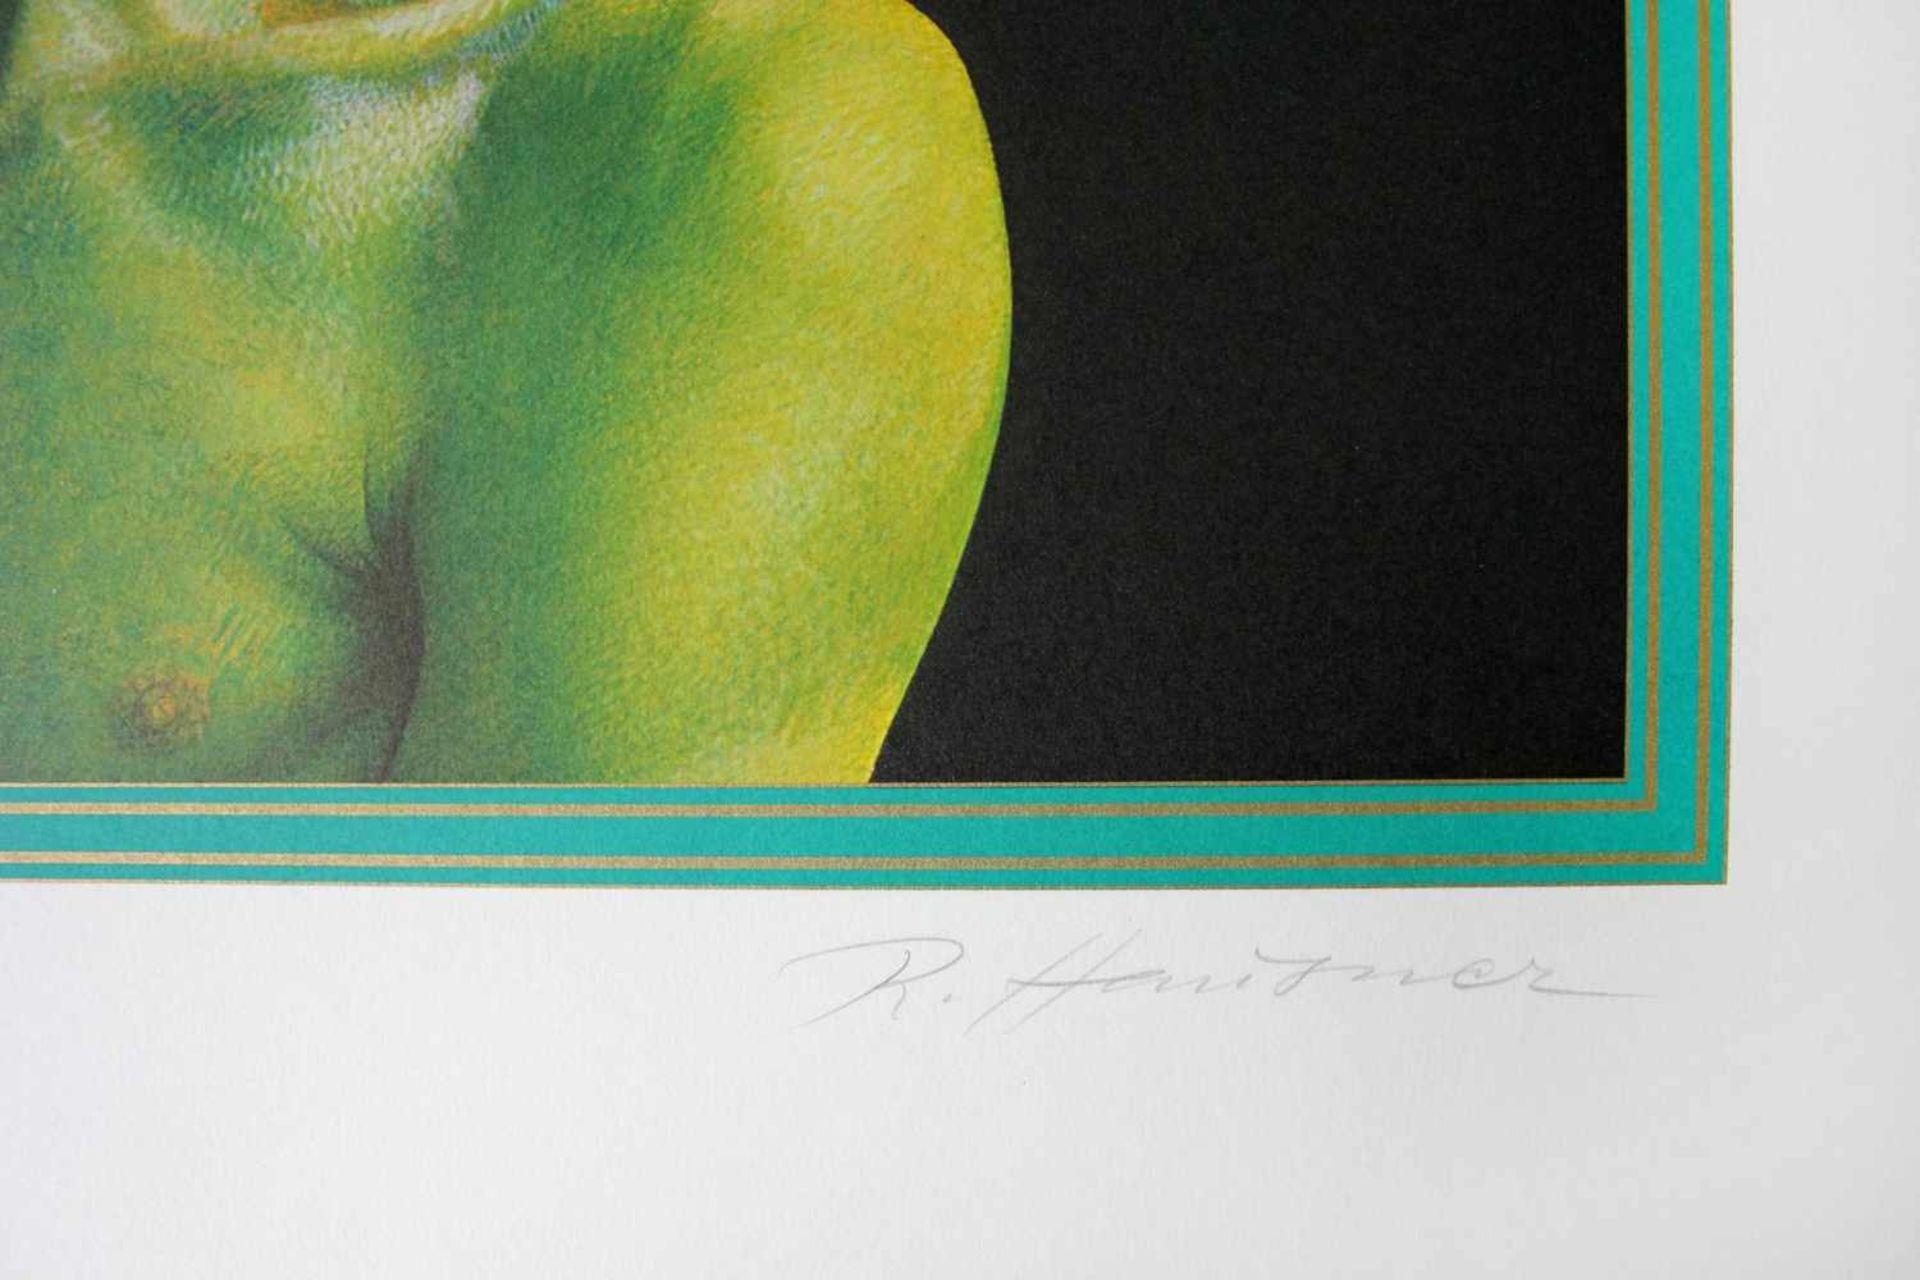 Rudolf Hausner 1914 - 1995 Trauriger Europäer Farbserigraphie handsigniert, betitelt und - Bild 3 aus 4